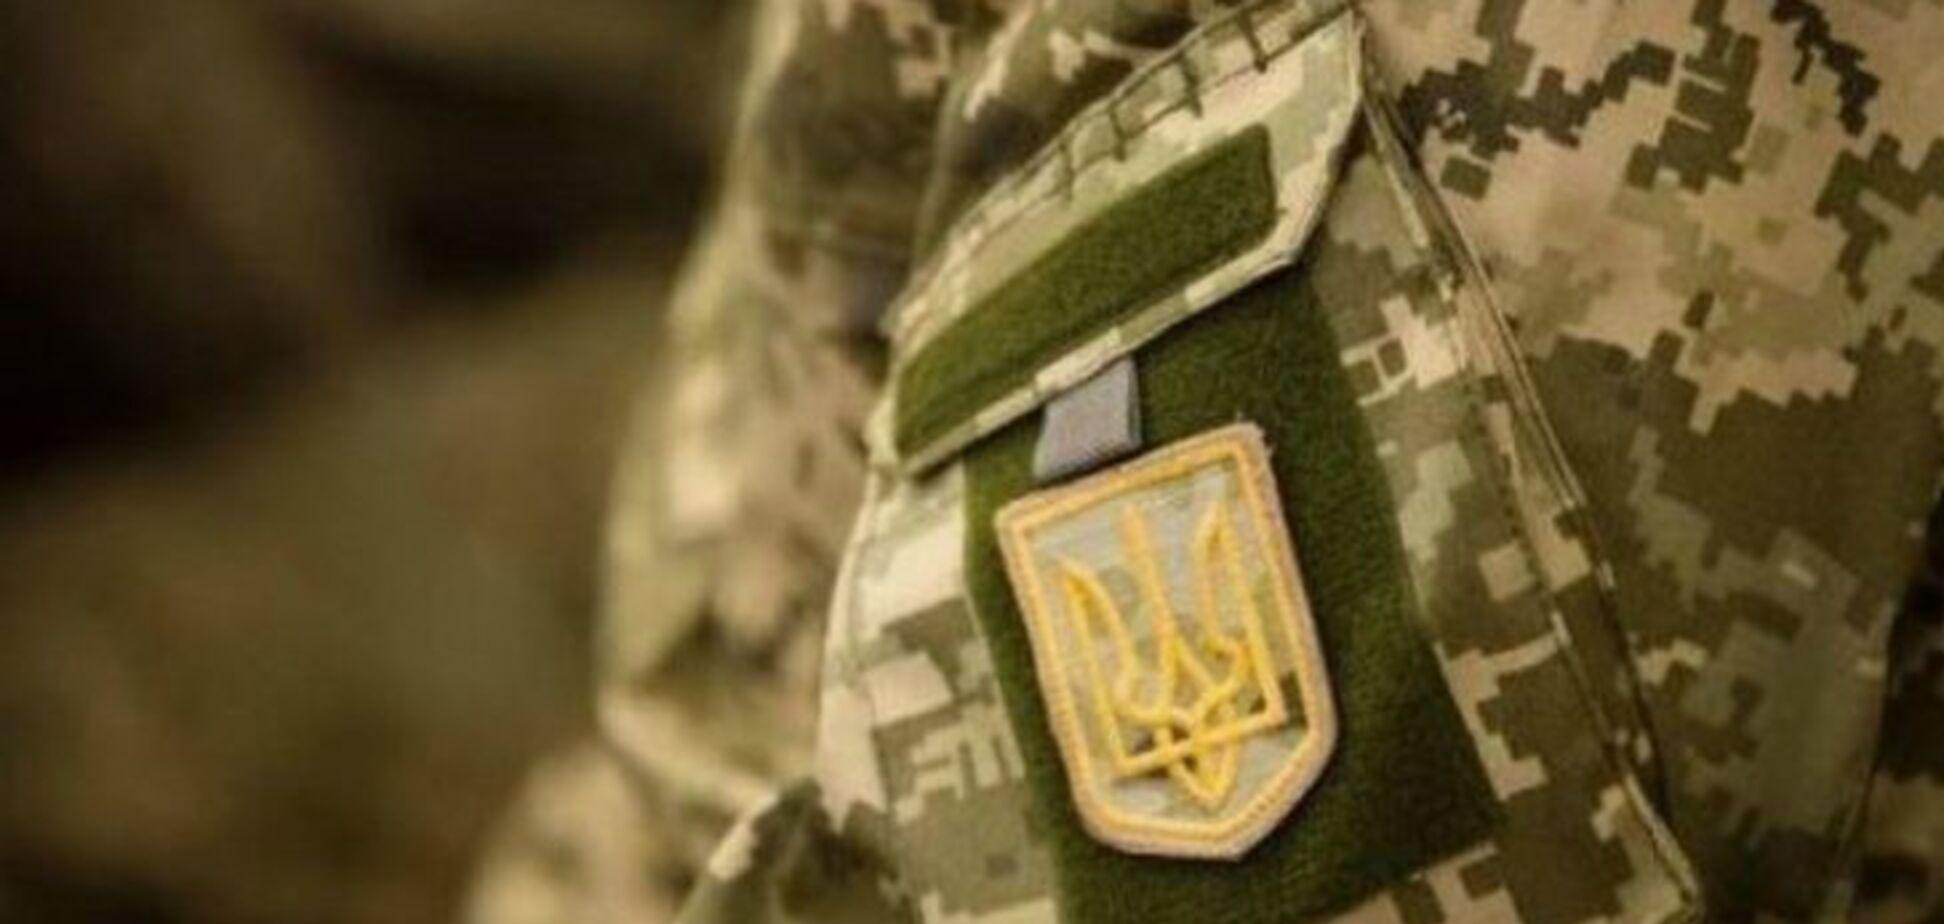 Ветерани АТО на Дніпропетровщині зможуть отримати 1 тис. євро на бізнес: подробиці